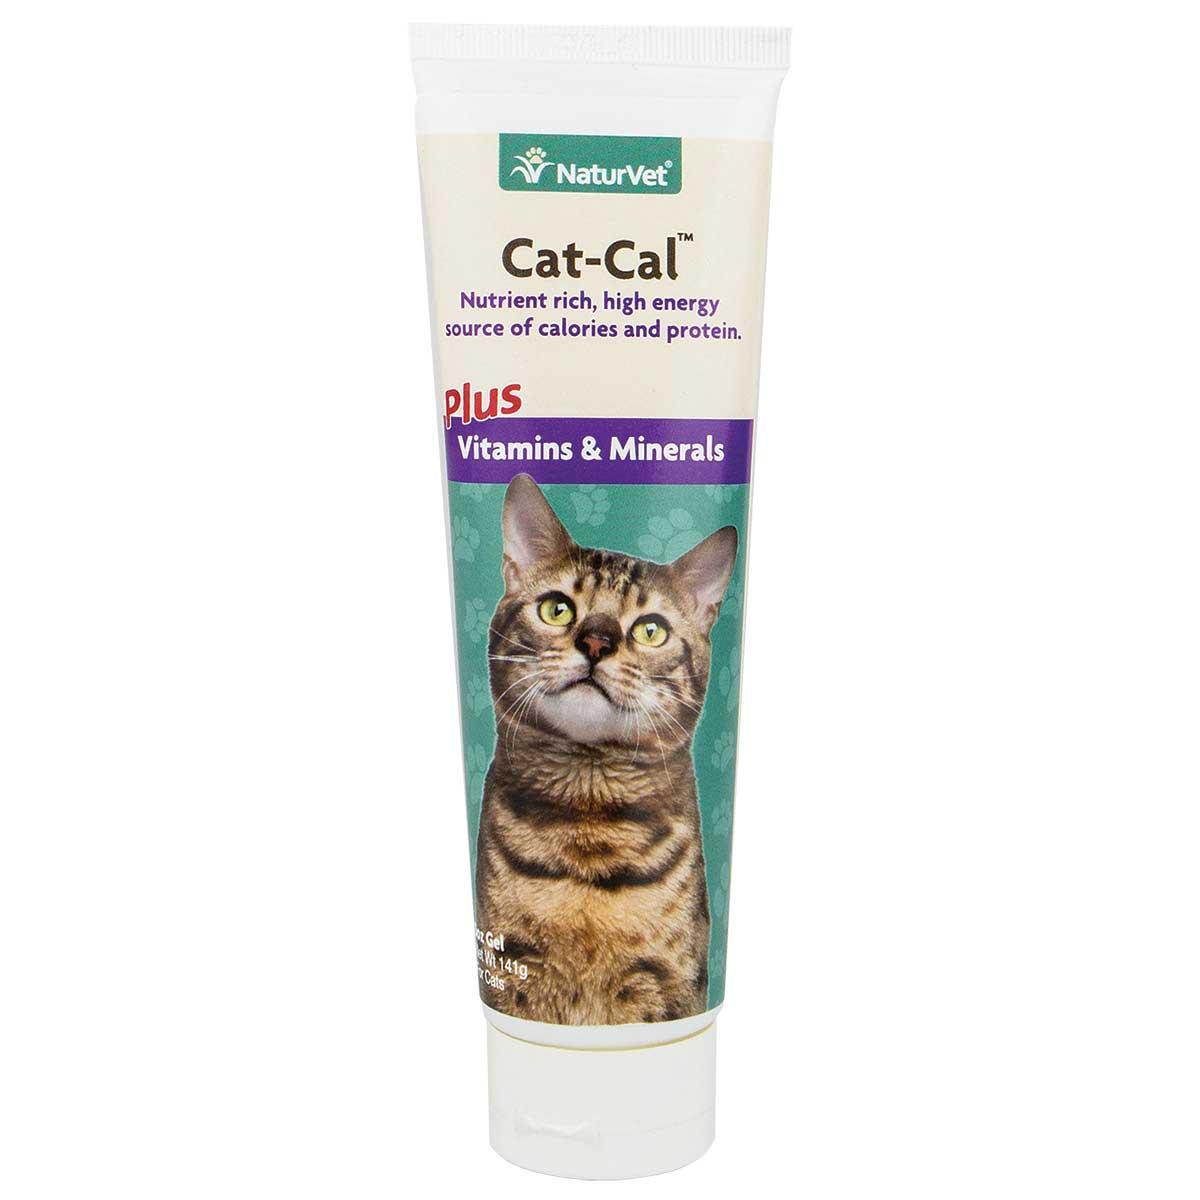 NaturVet Cat-Cal Plus Vitamins & Minerals Gel 5 oz